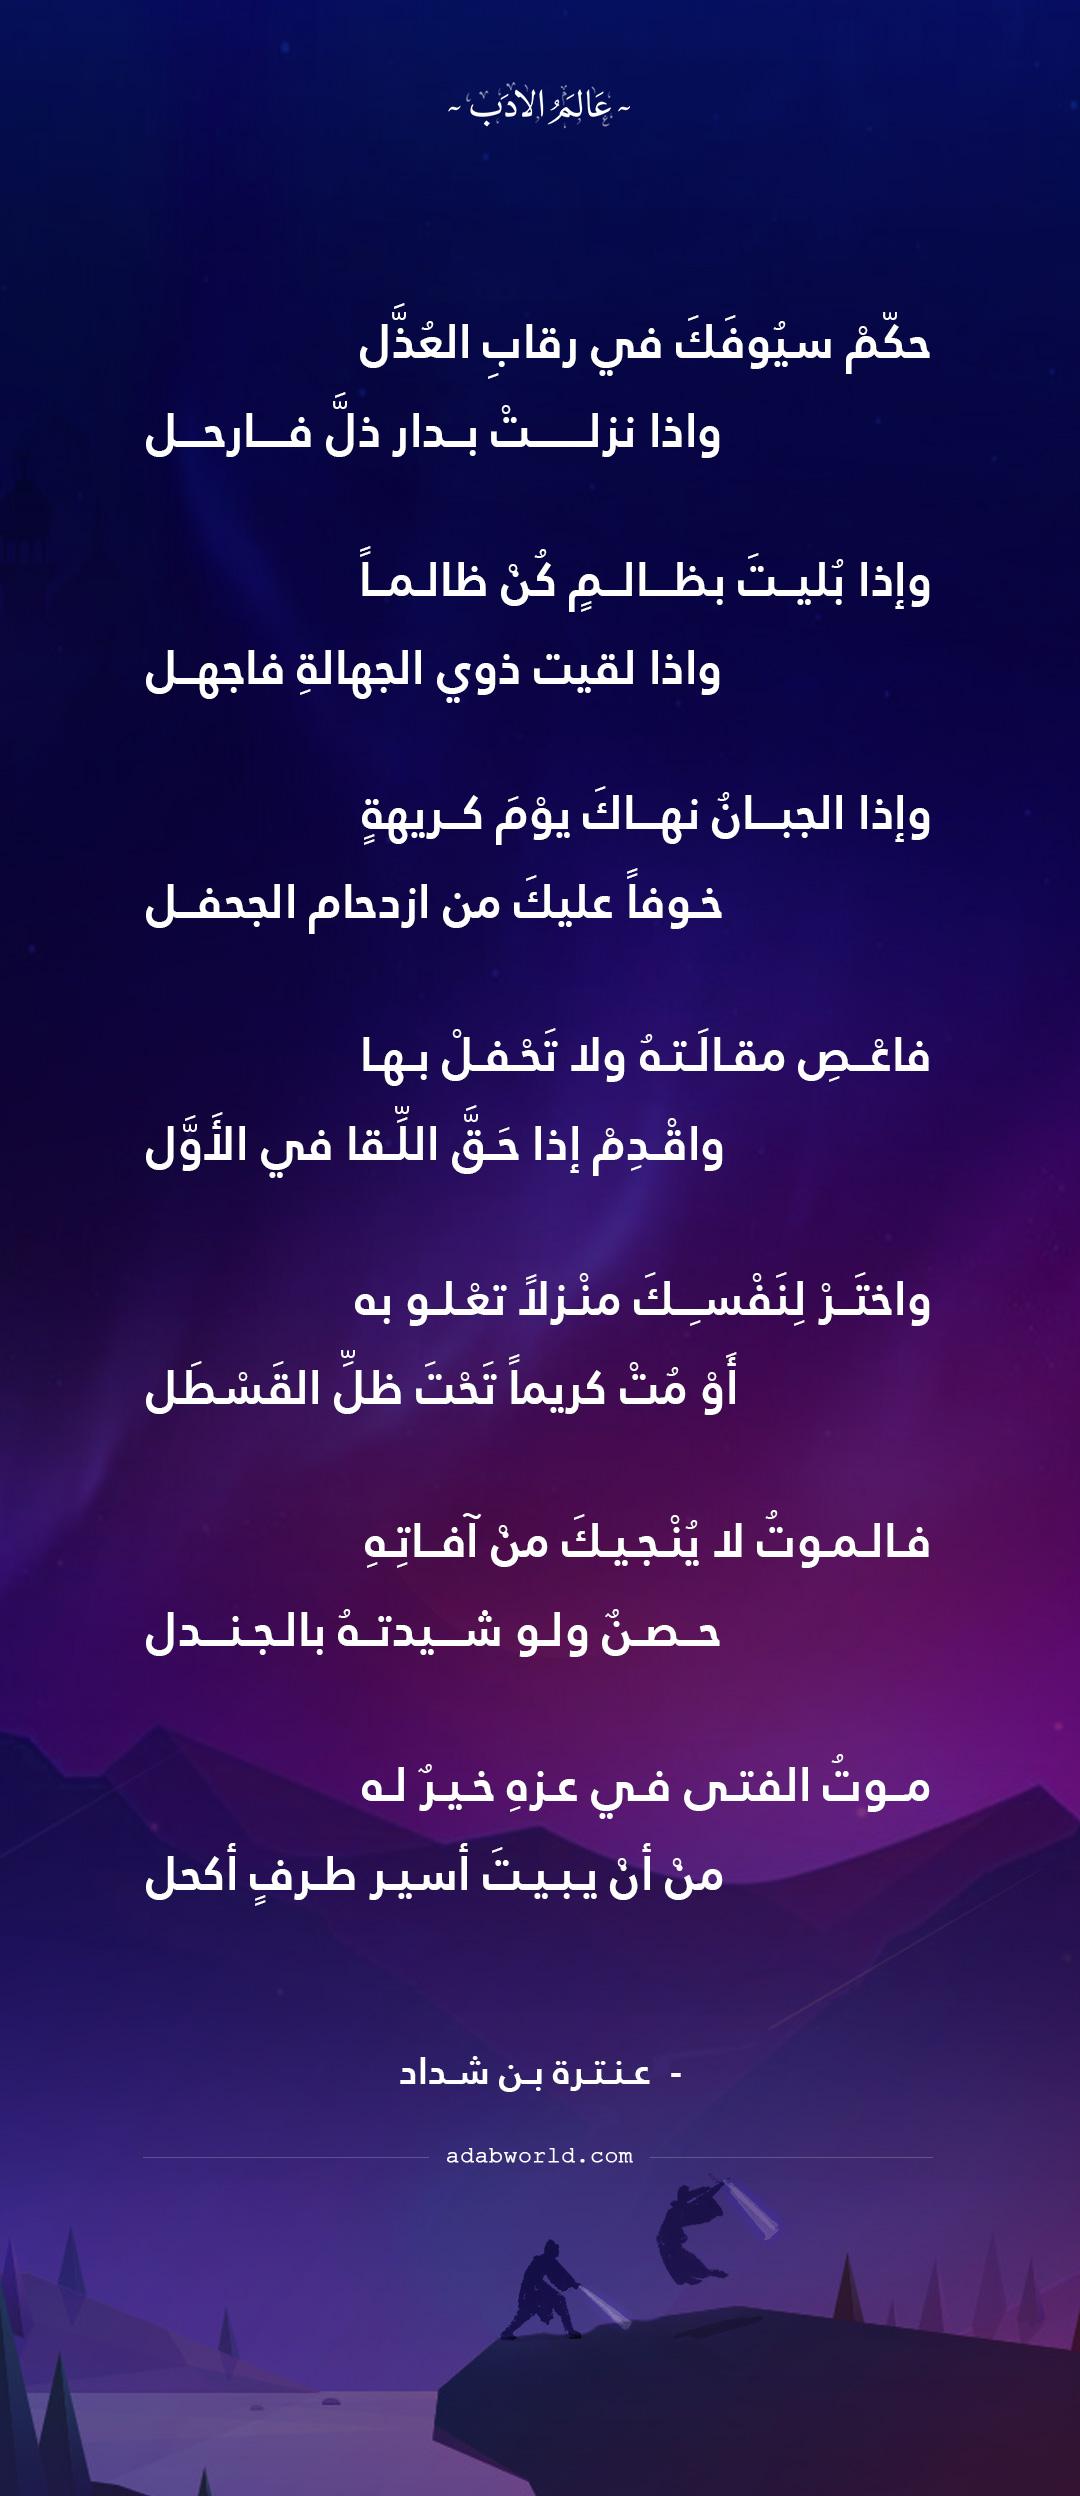 حكم سيوفك في رقاب العذل - عنترة بن شداد